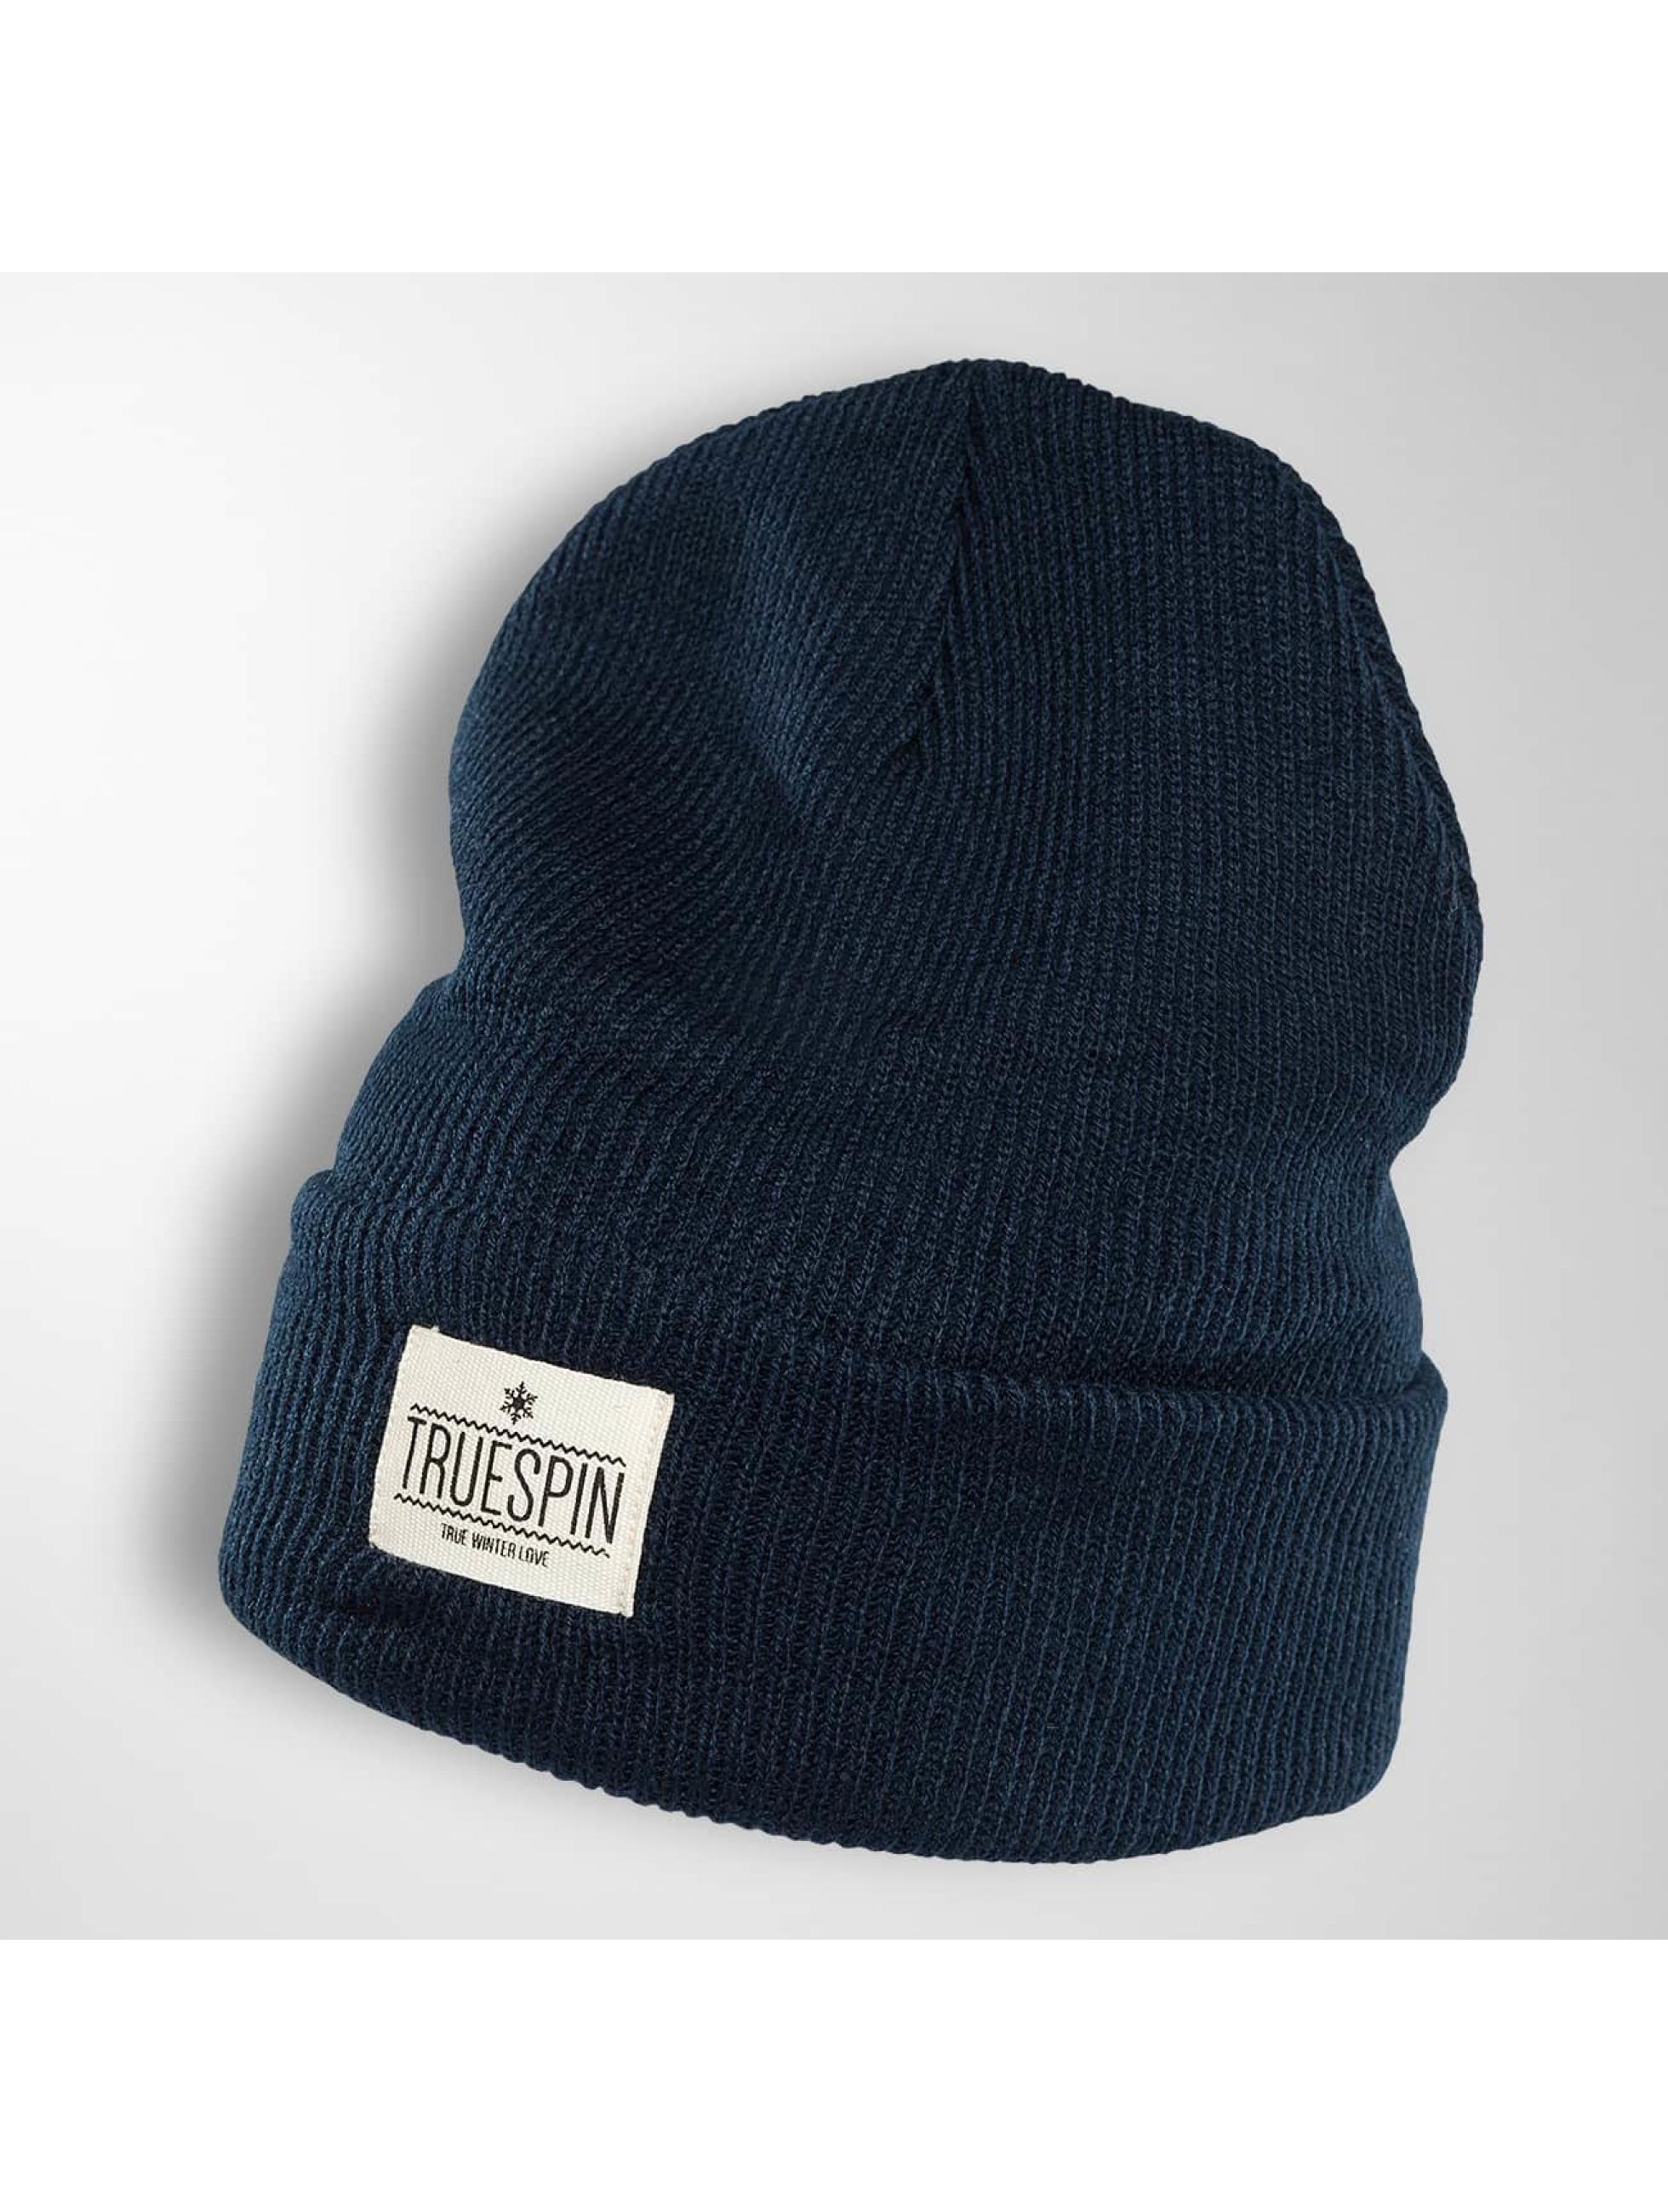 TrueSpin Czapki Warm niebieski